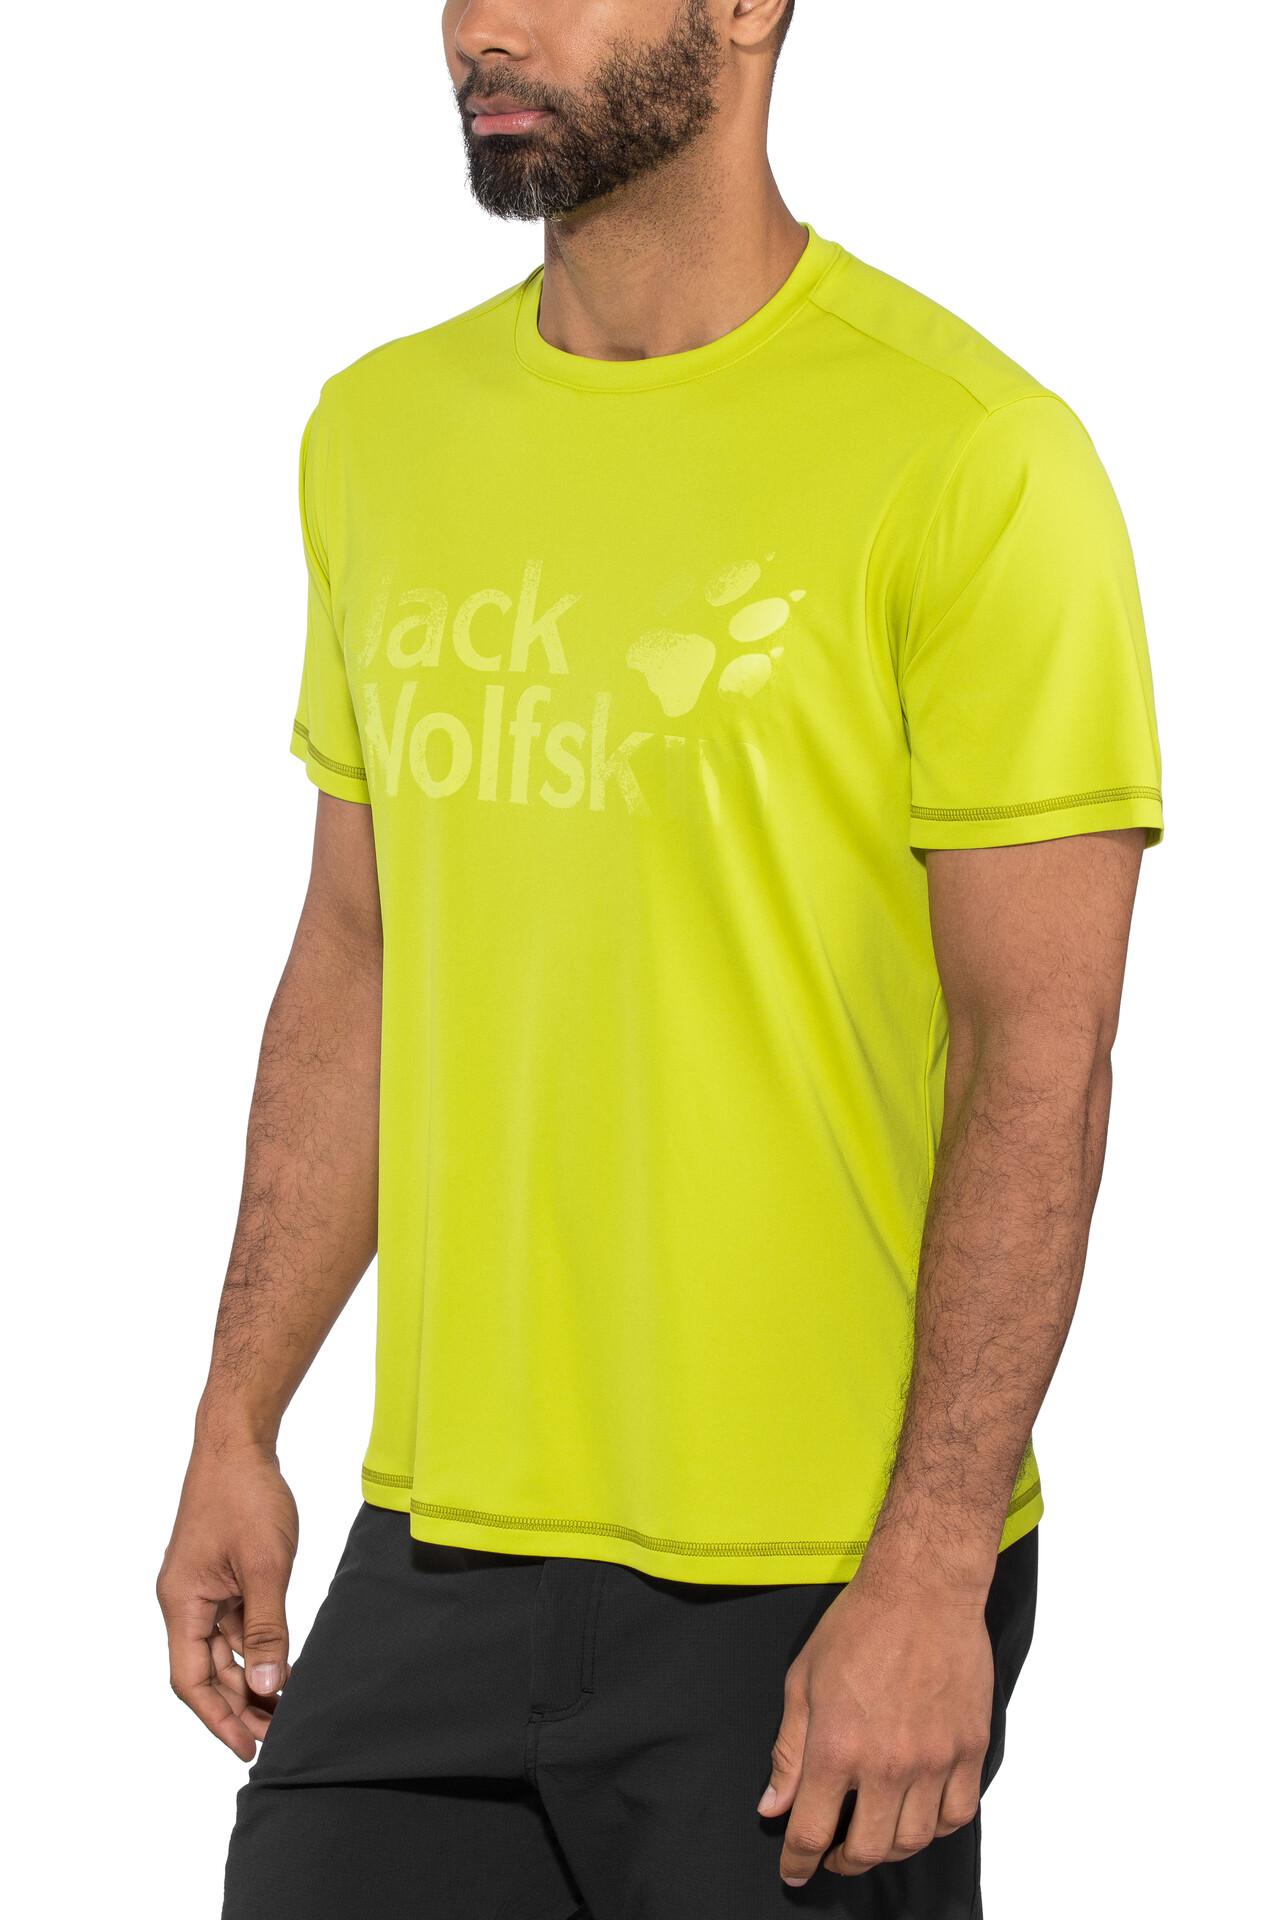 T Sierra Wolfskin Jack Shirt green Herren lime 54ARL3jcq